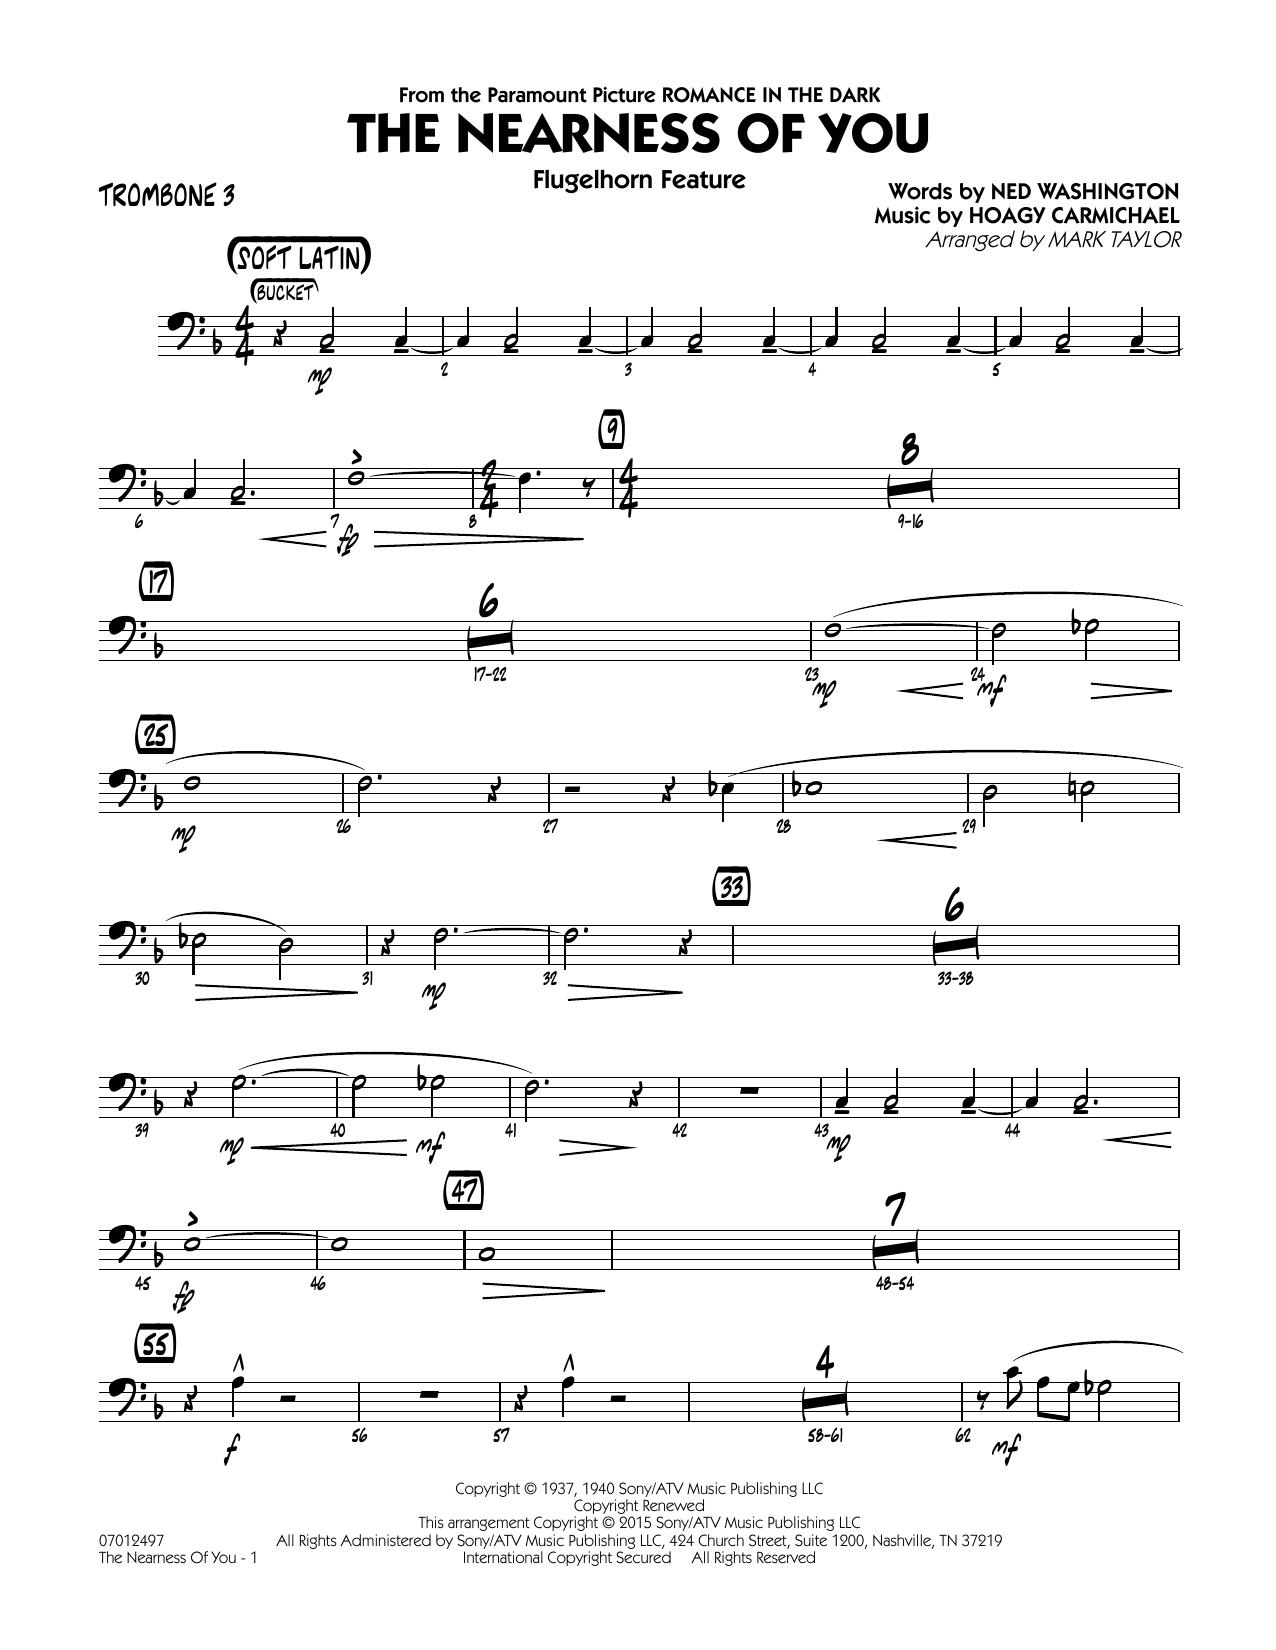 The Nearness of You (Flugelhorn Feature) - Trombone 3 (Jazz Ensemble)